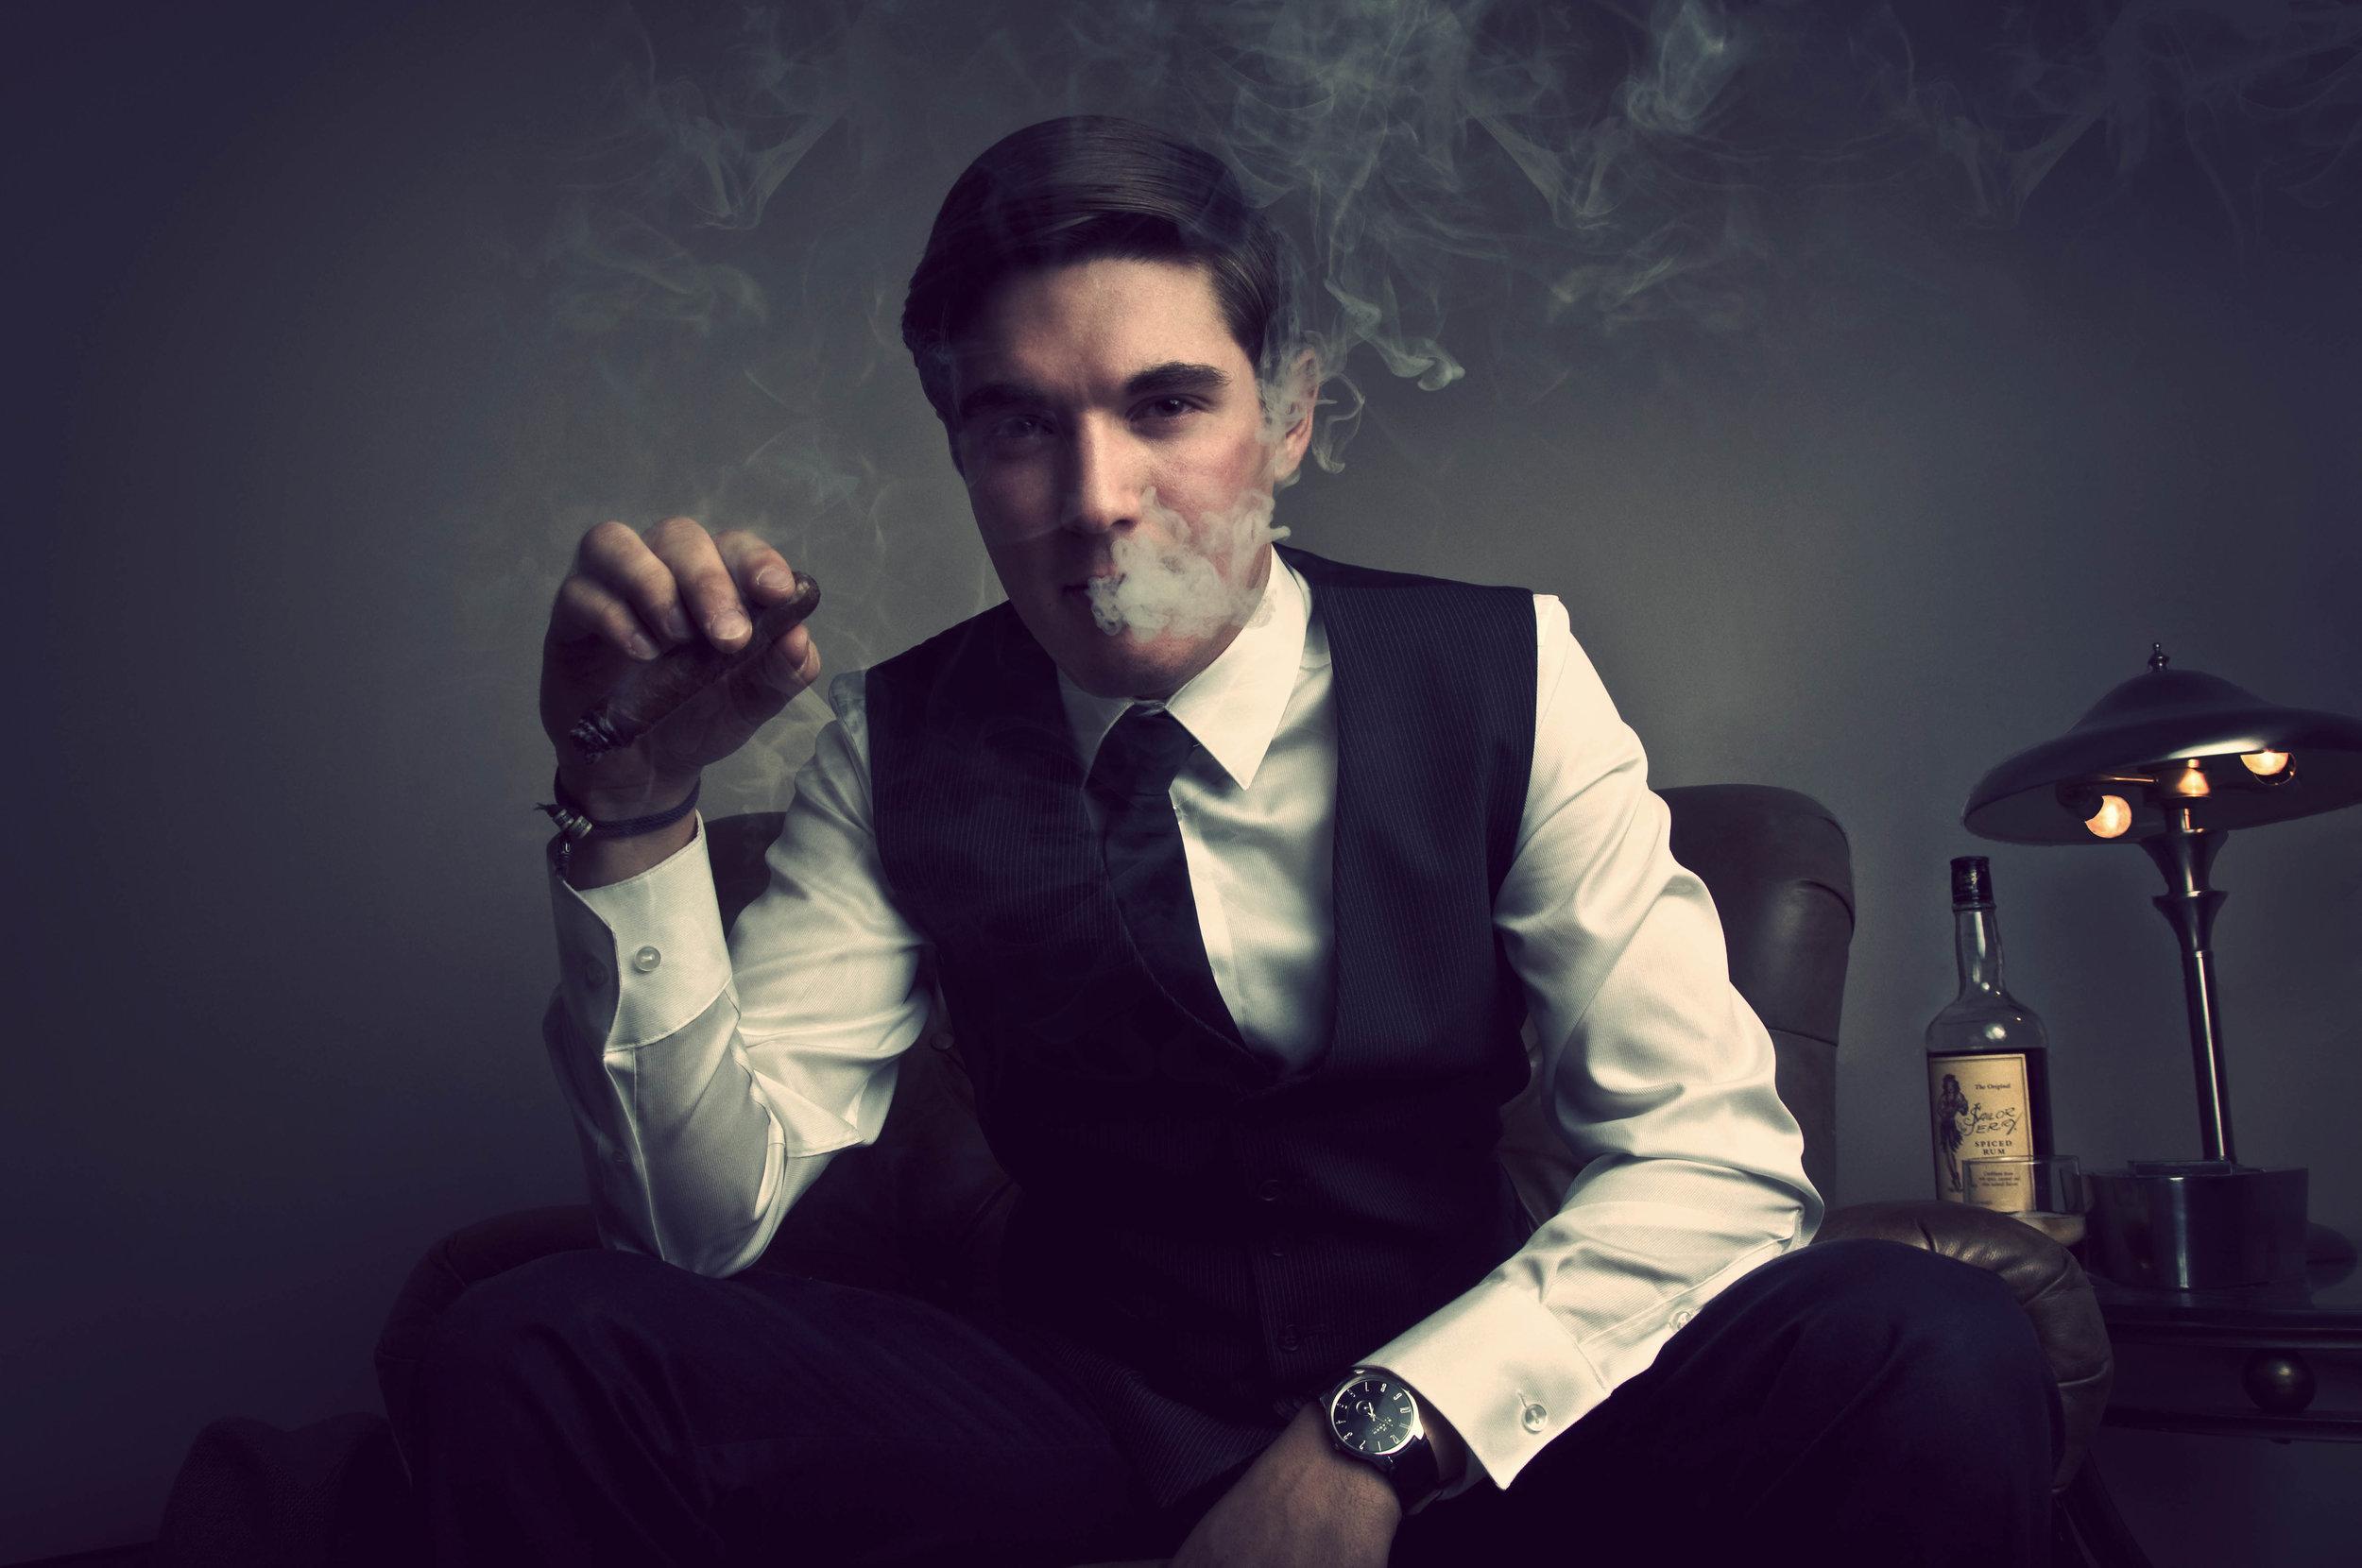 gallo_smoking copy.jpg